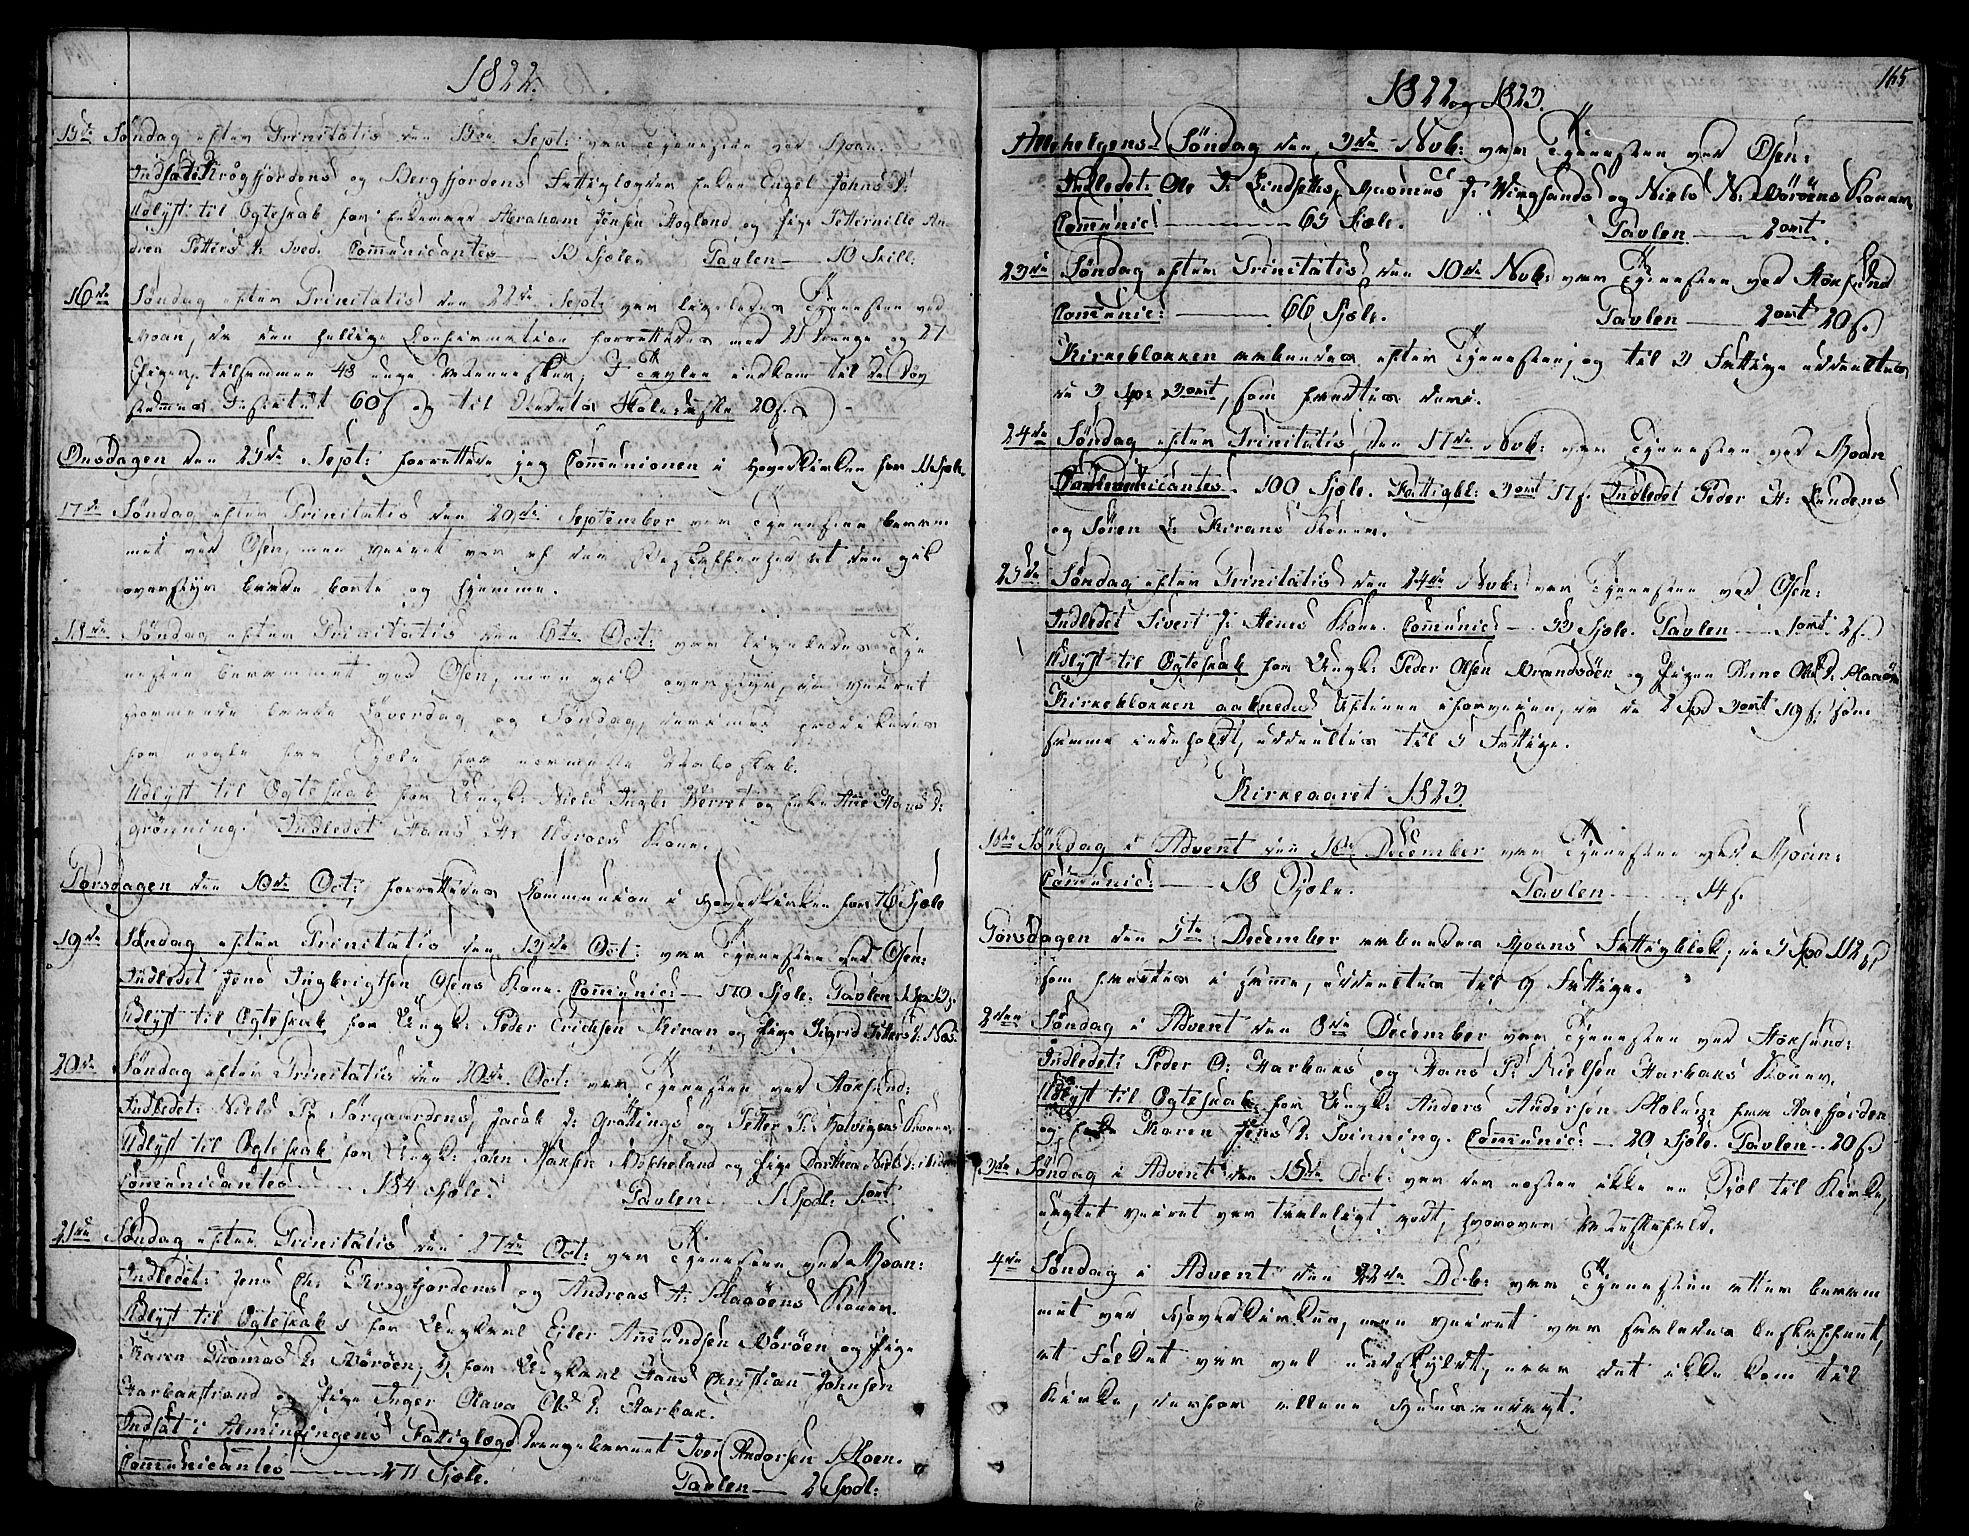 SAT, Ministerialprotokoller, klokkerbøker og fødselsregistre - Sør-Trøndelag, 657/L0701: Ministerialbok nr. 657A02, 1802-1831, s. 165